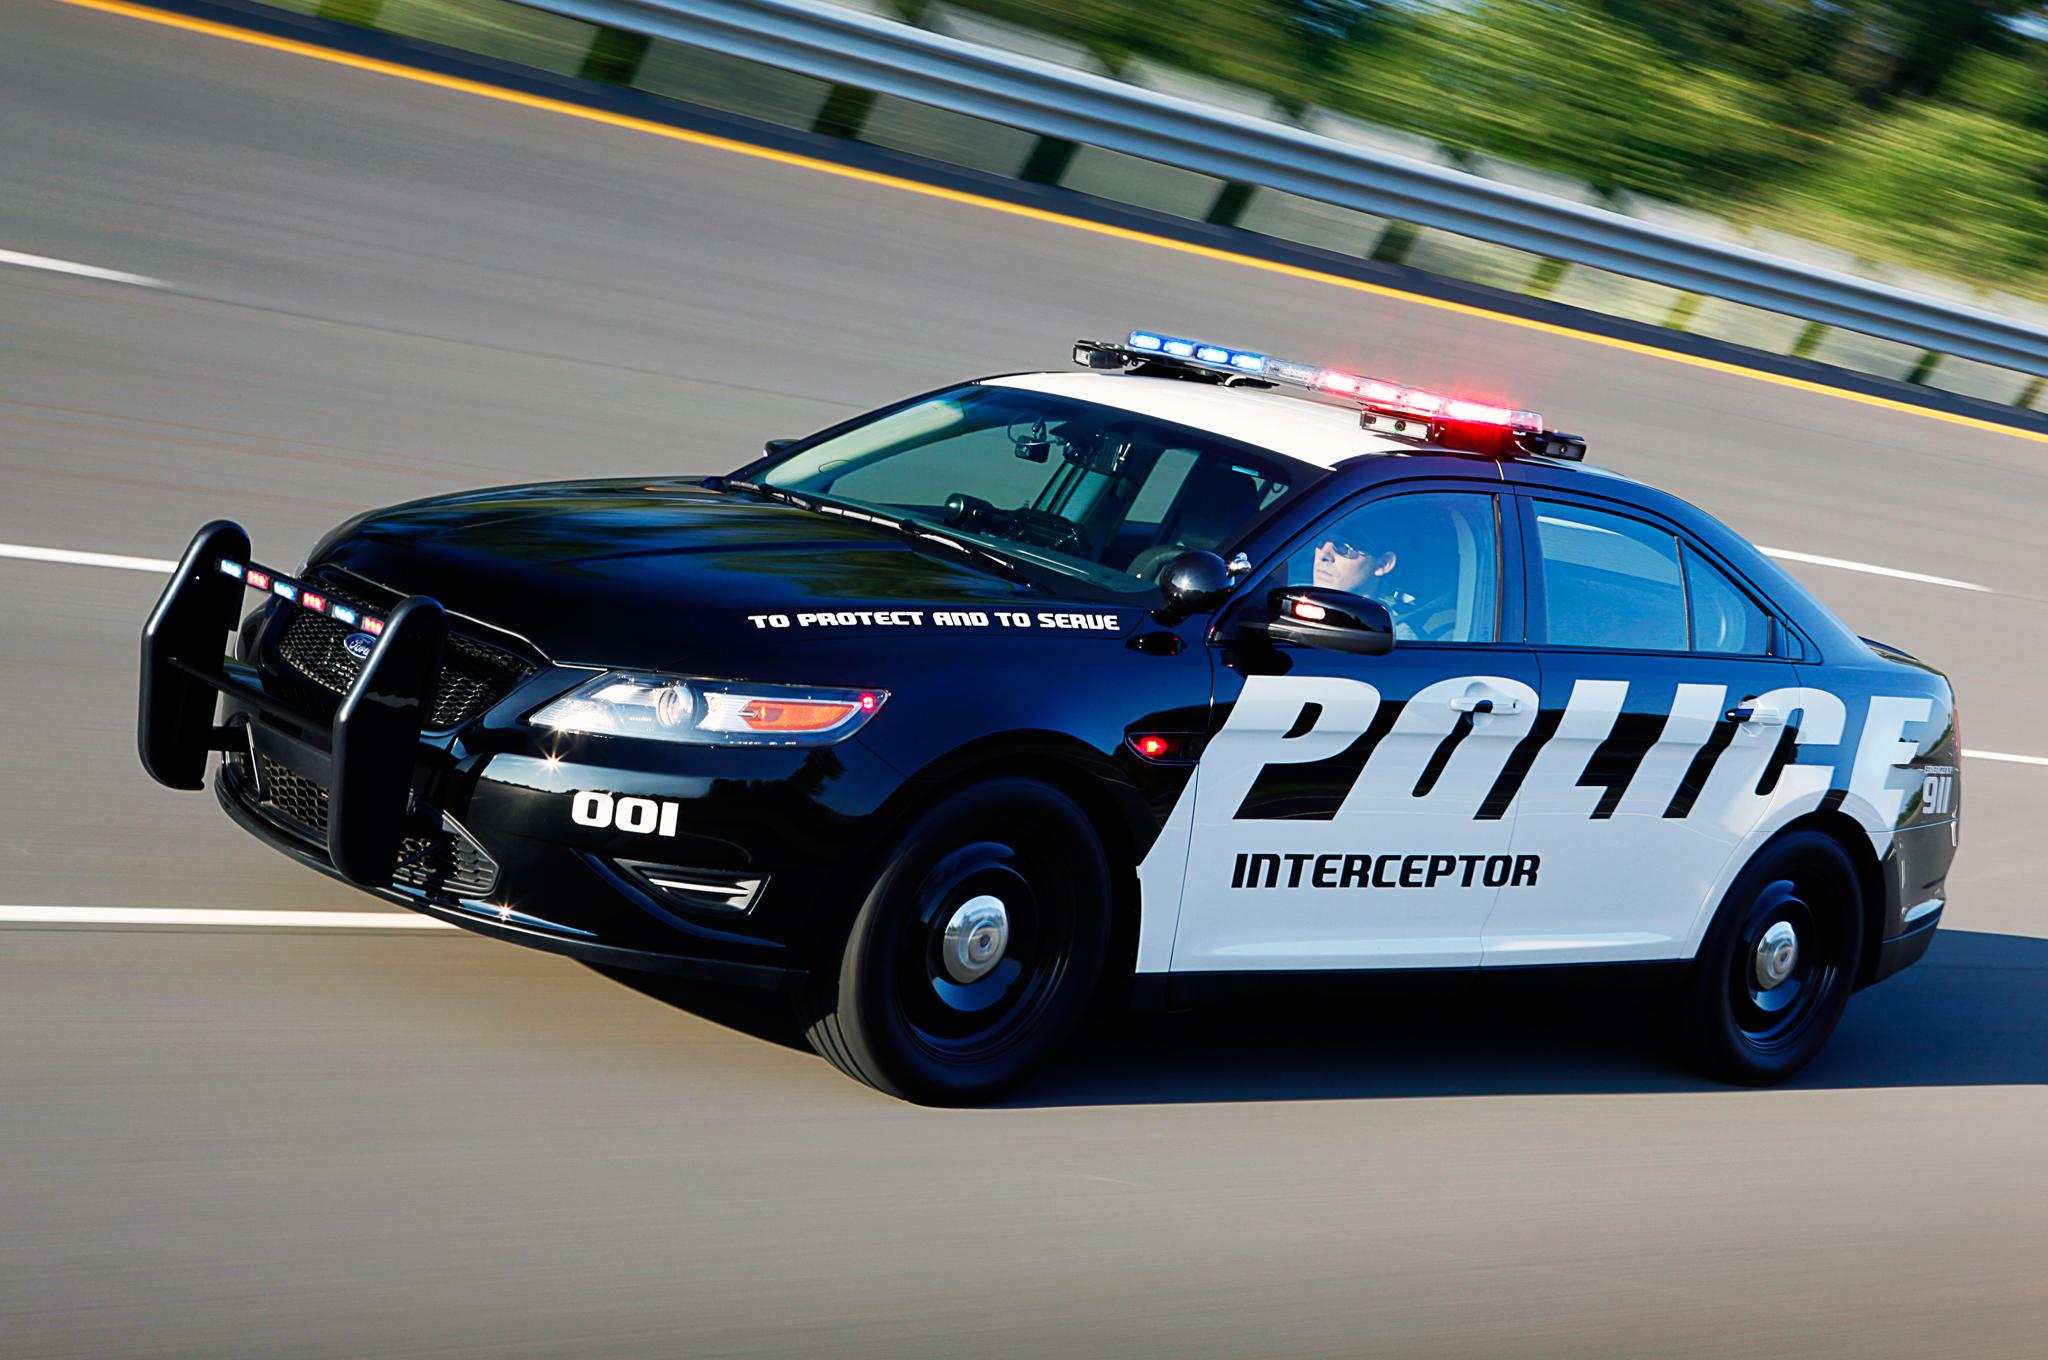 Ford ... & Ford Motor Company (NYSE:F) Creates New Light Bar For Police SUVs ... markmcfarlin.com